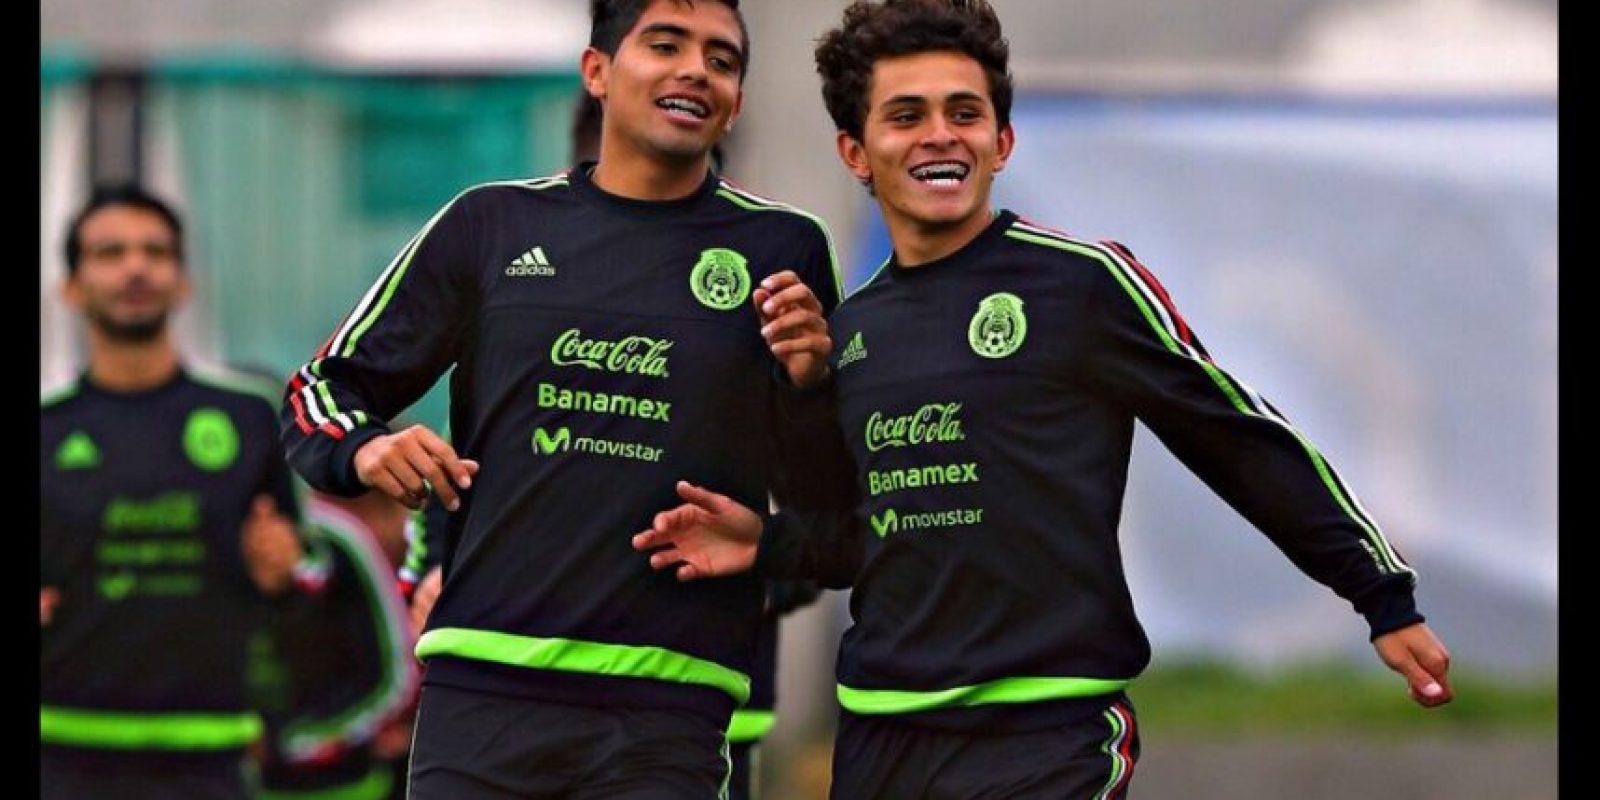 """Los """"verdes"""" son favoritos para llegar a la final del torneo Foto:Vía twitter-com/miseleccionmx"""